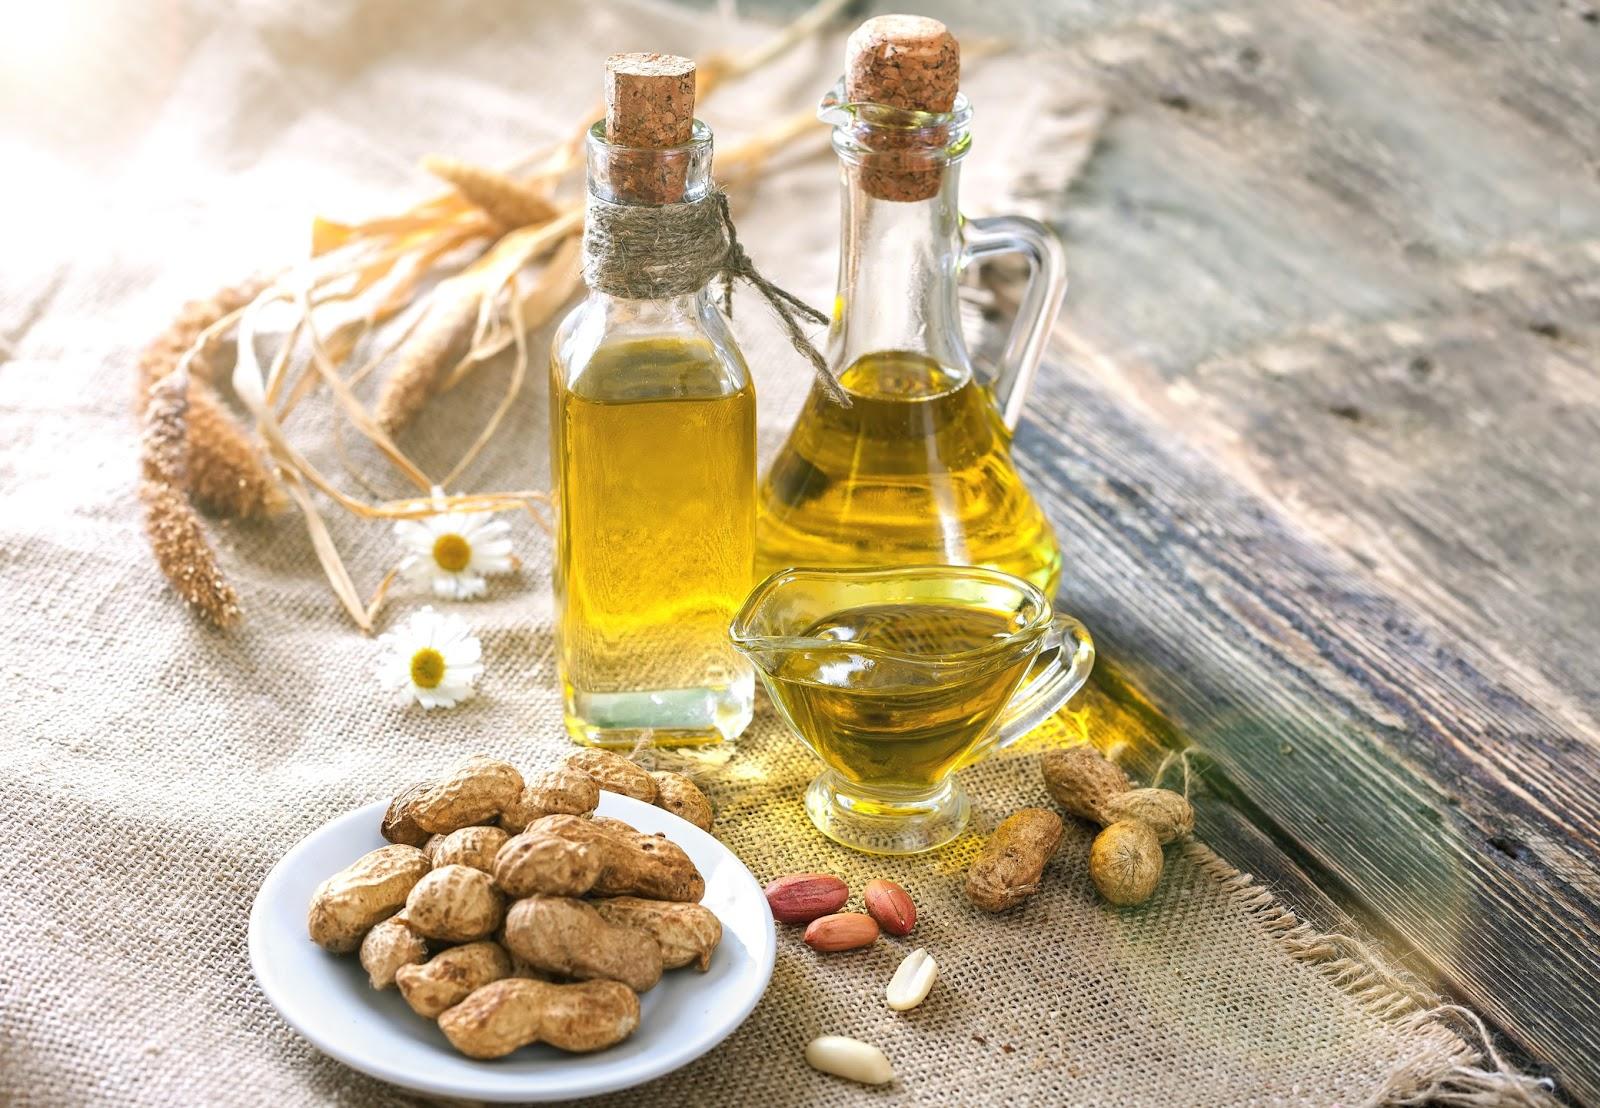 Gia đình nào cũng phải sử dụng dầu ăn để nấu nướng, vậy chọn dầu ăn như thế nào để tốt cho sức khỏe? - Ảnh 4.